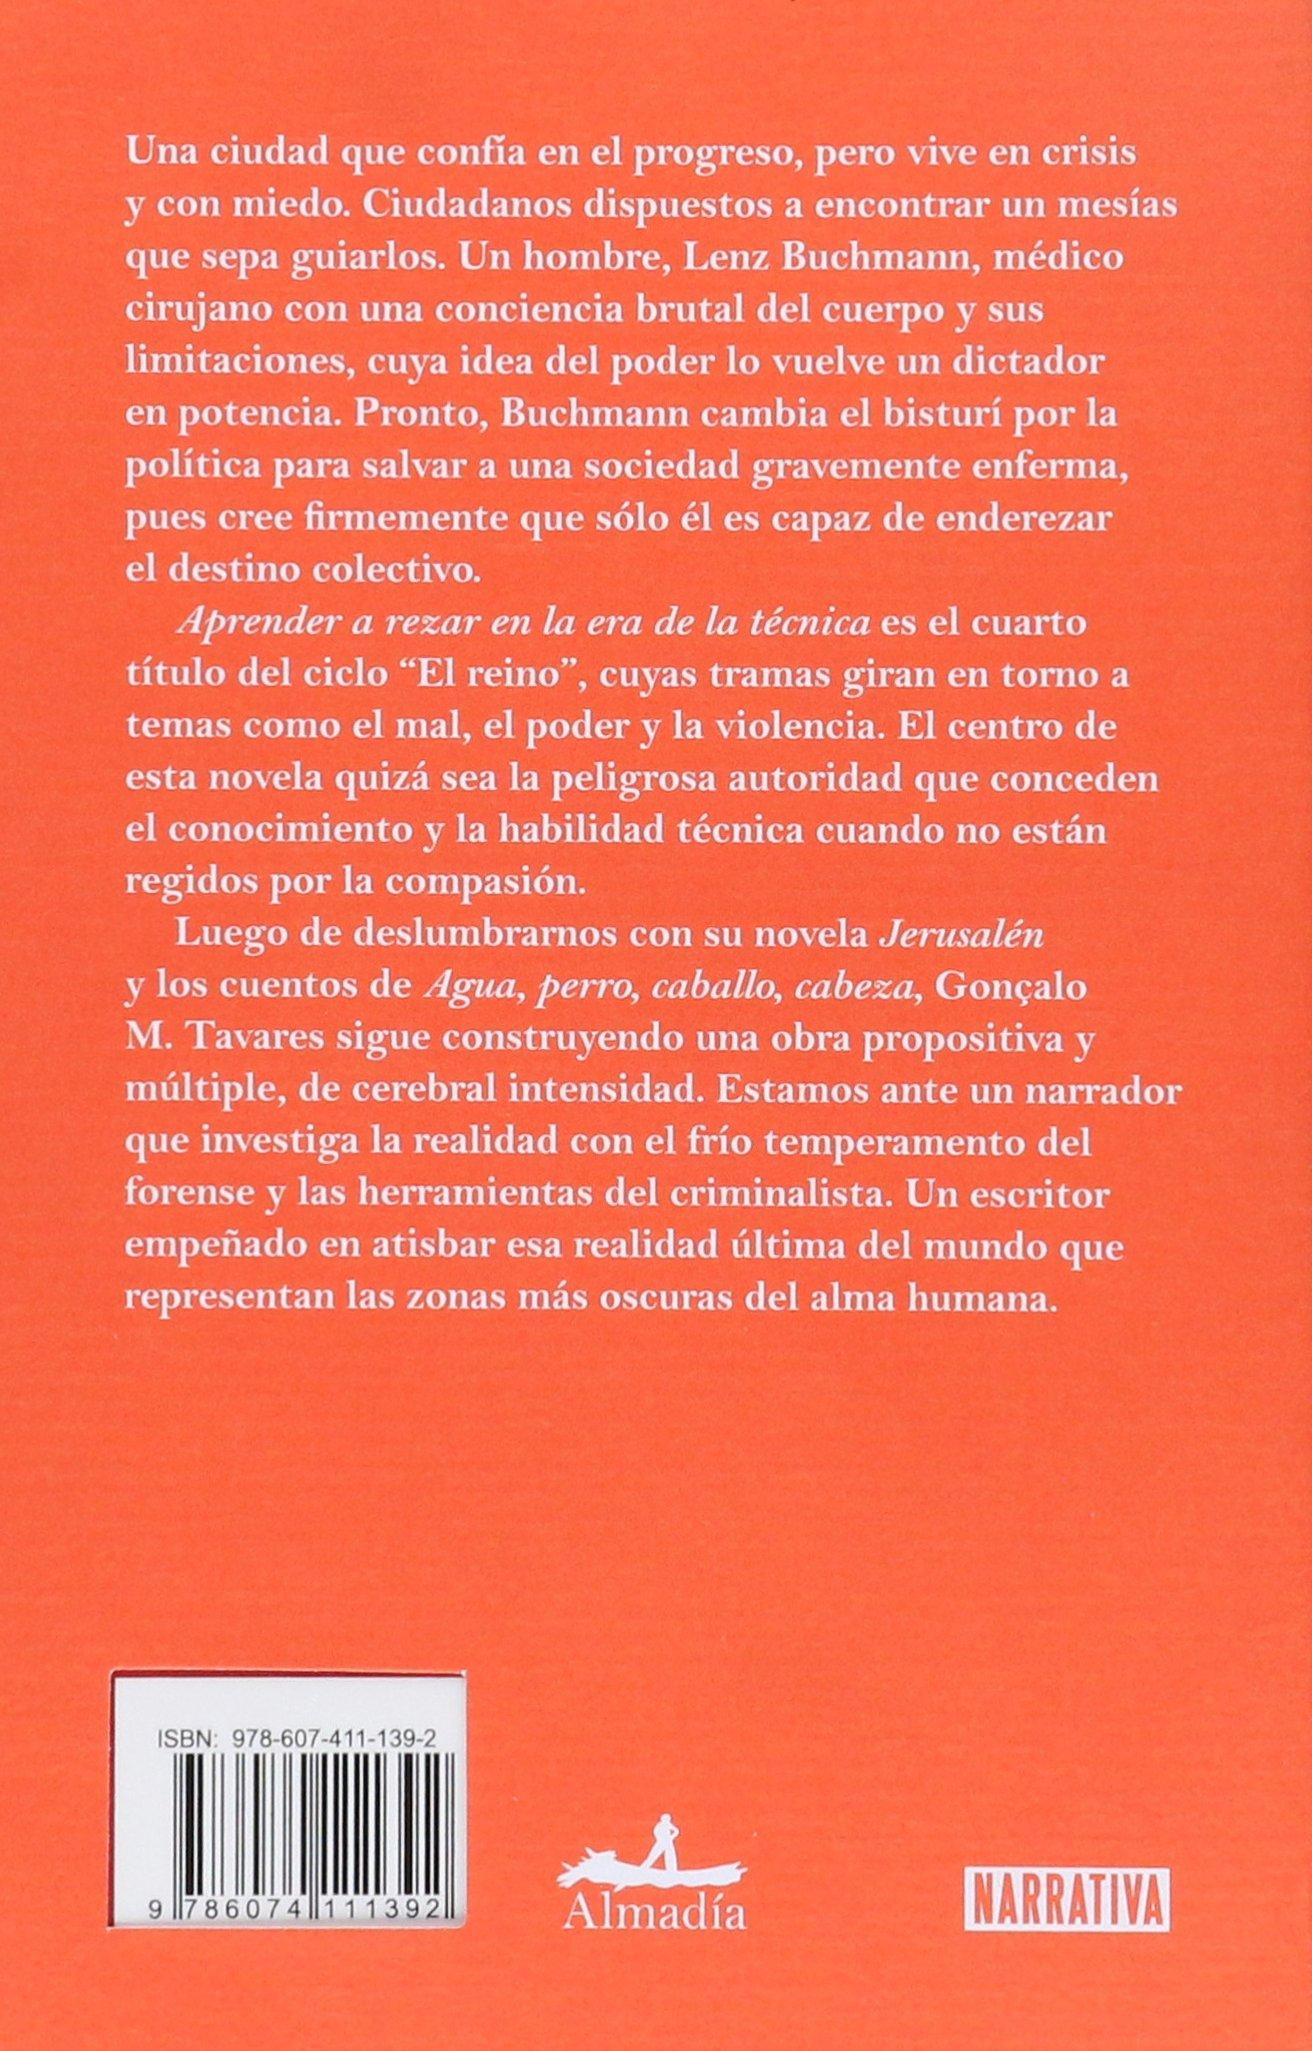 Aprender a rezar en la era de la técnica: GONÇALO TAVARES: 9786074111392: Amazon.com: Books